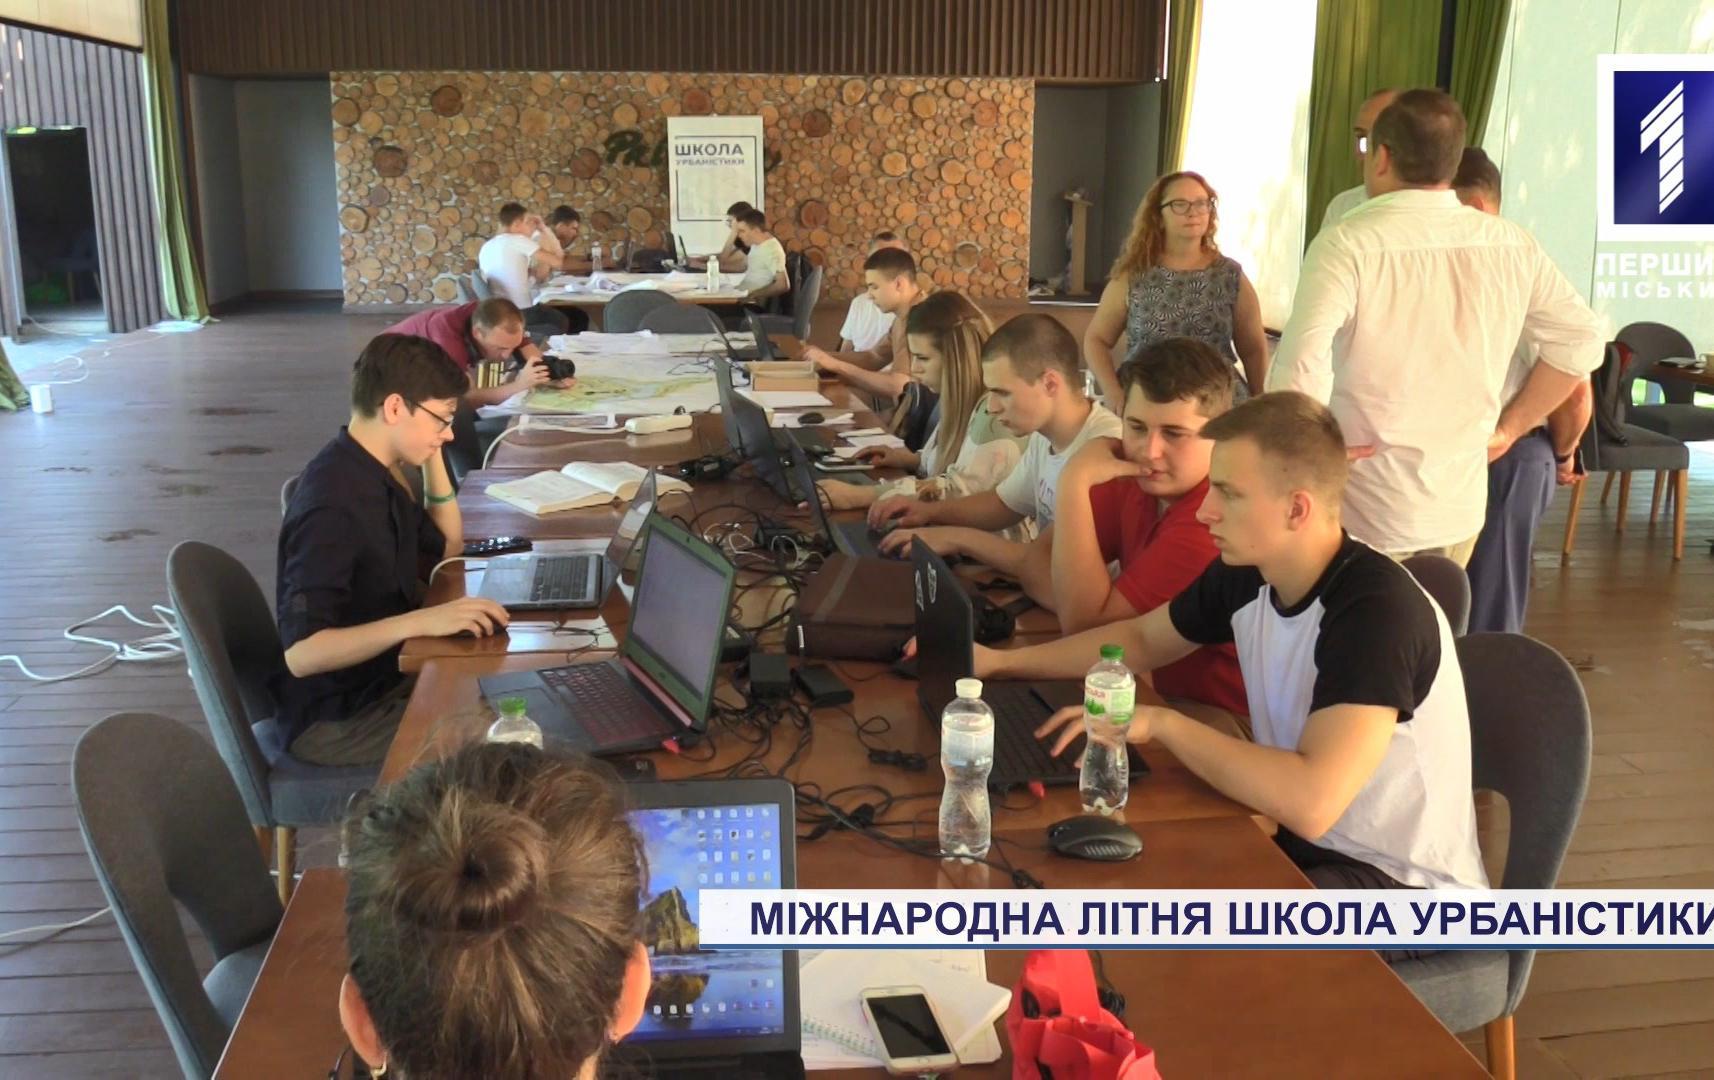 Міжнародна літня школа урбаністики у Кривому Розі